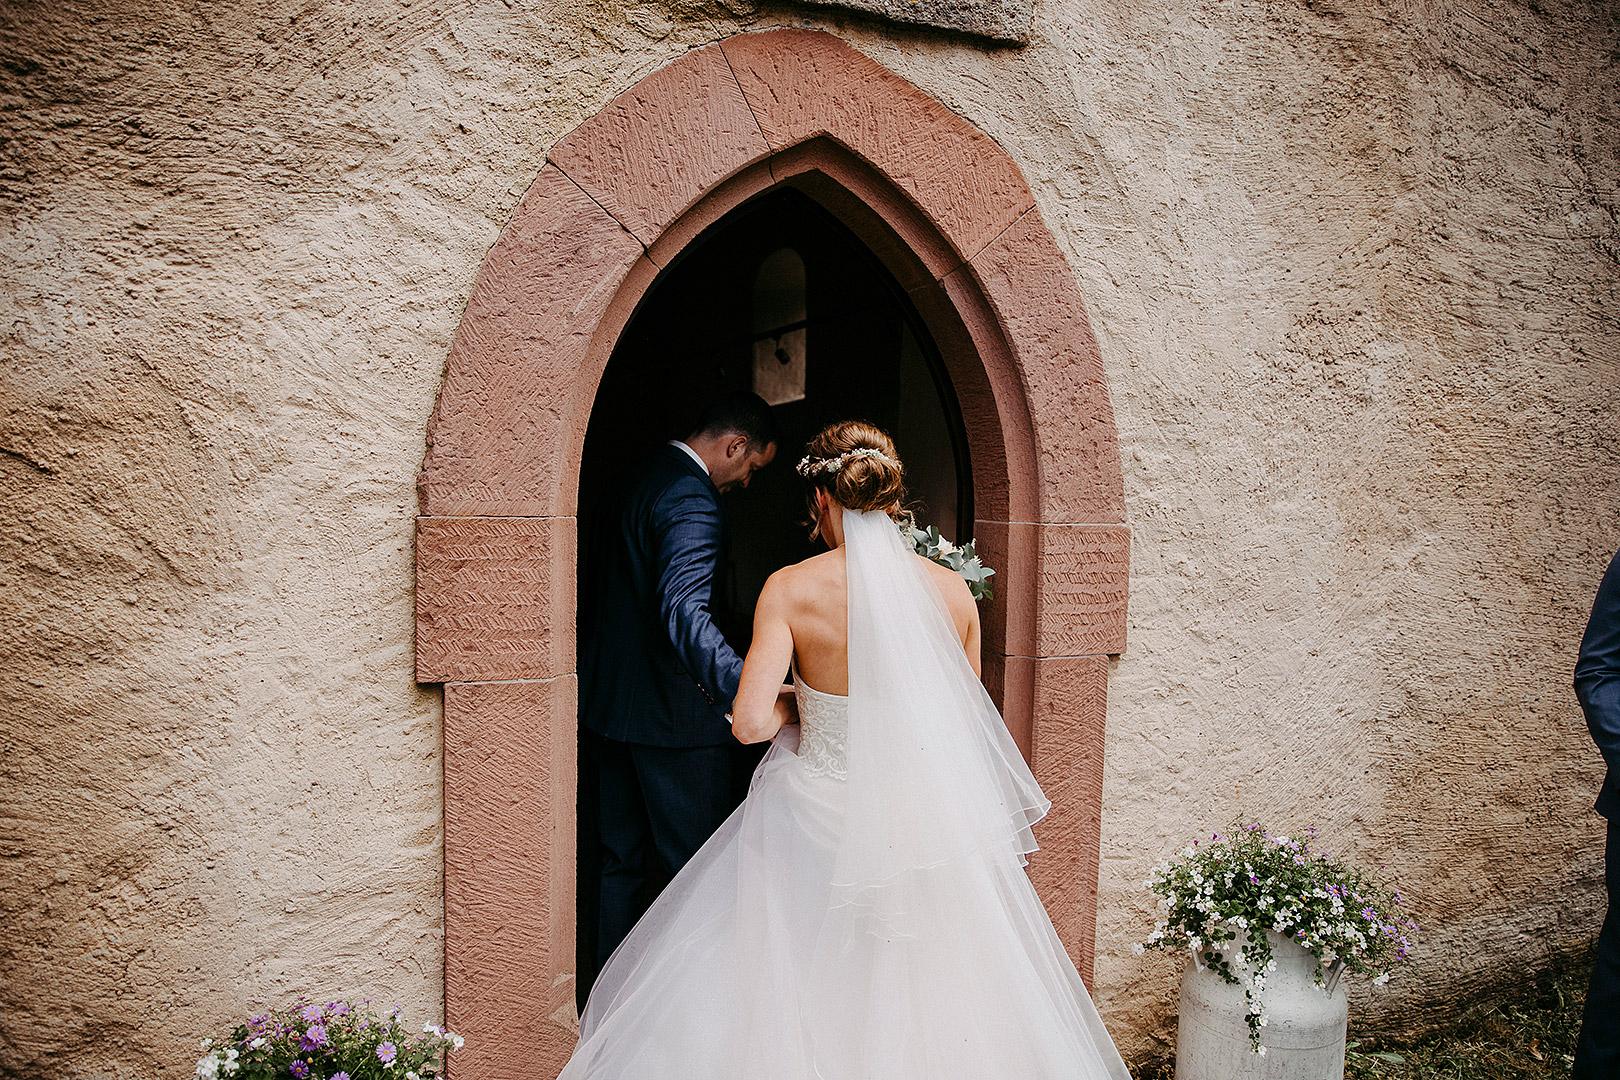 portrait_wedding_svenjaundleo_10